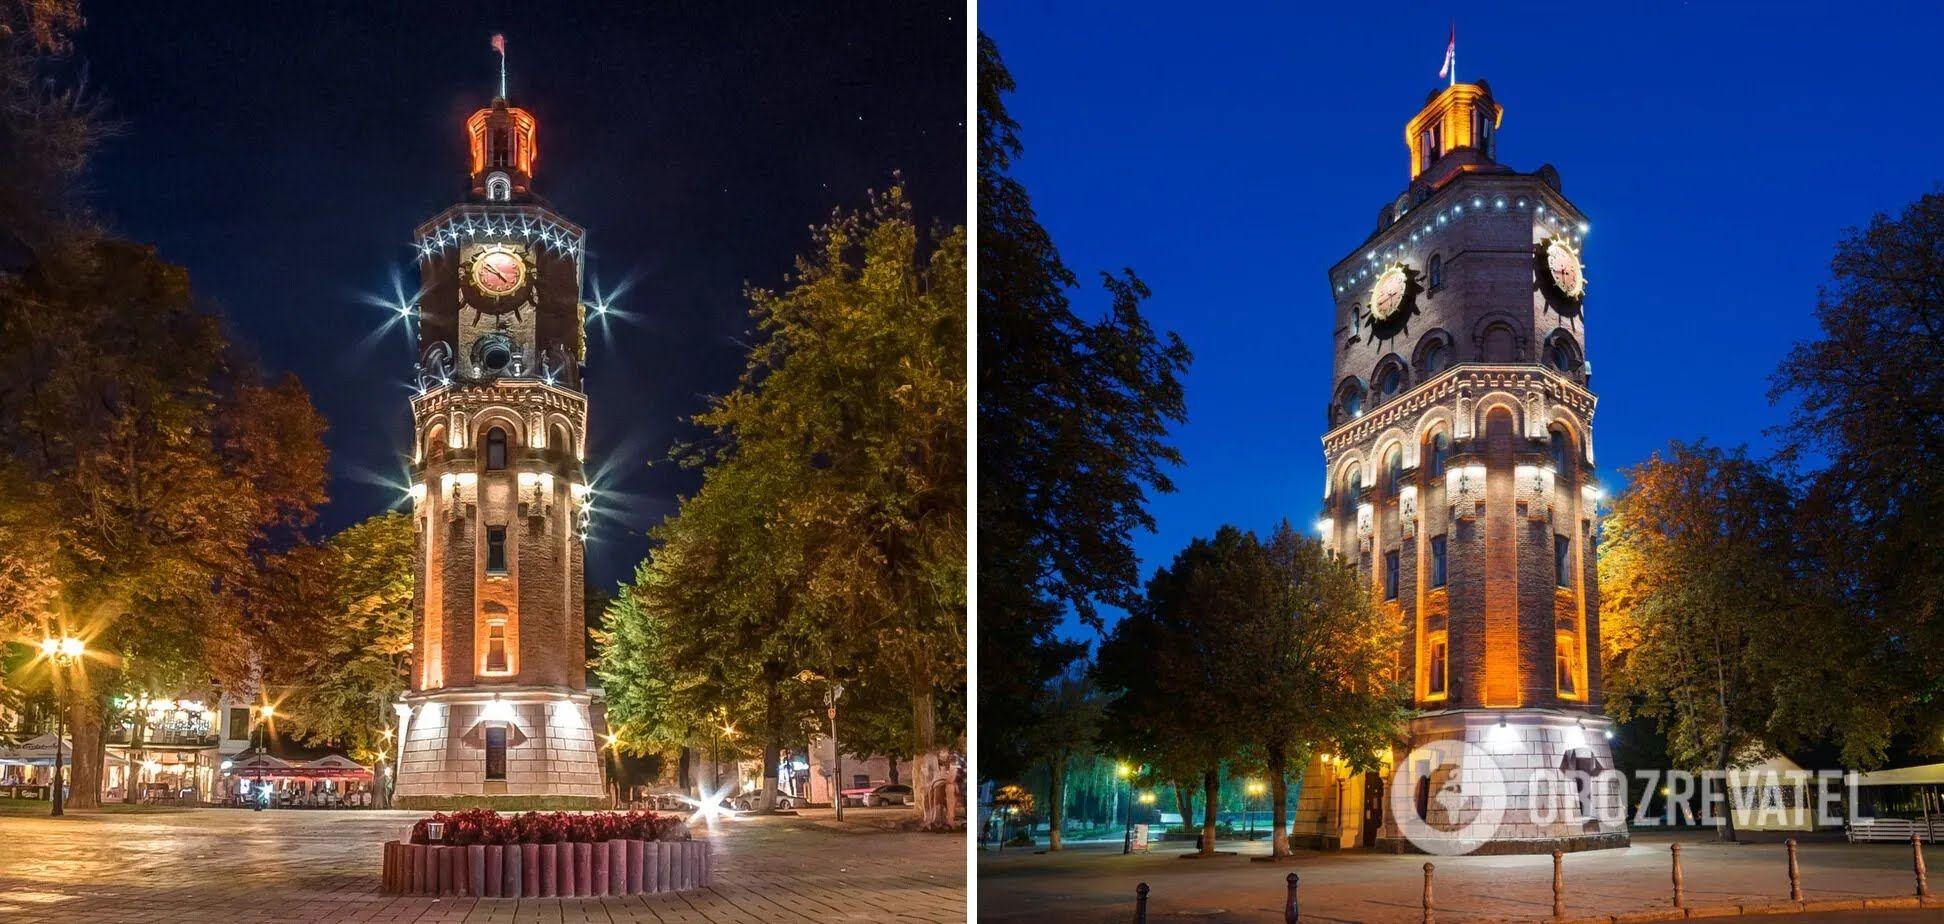 Водонапорная башня в центре Винницы – самая красивая архитектурная постройка.